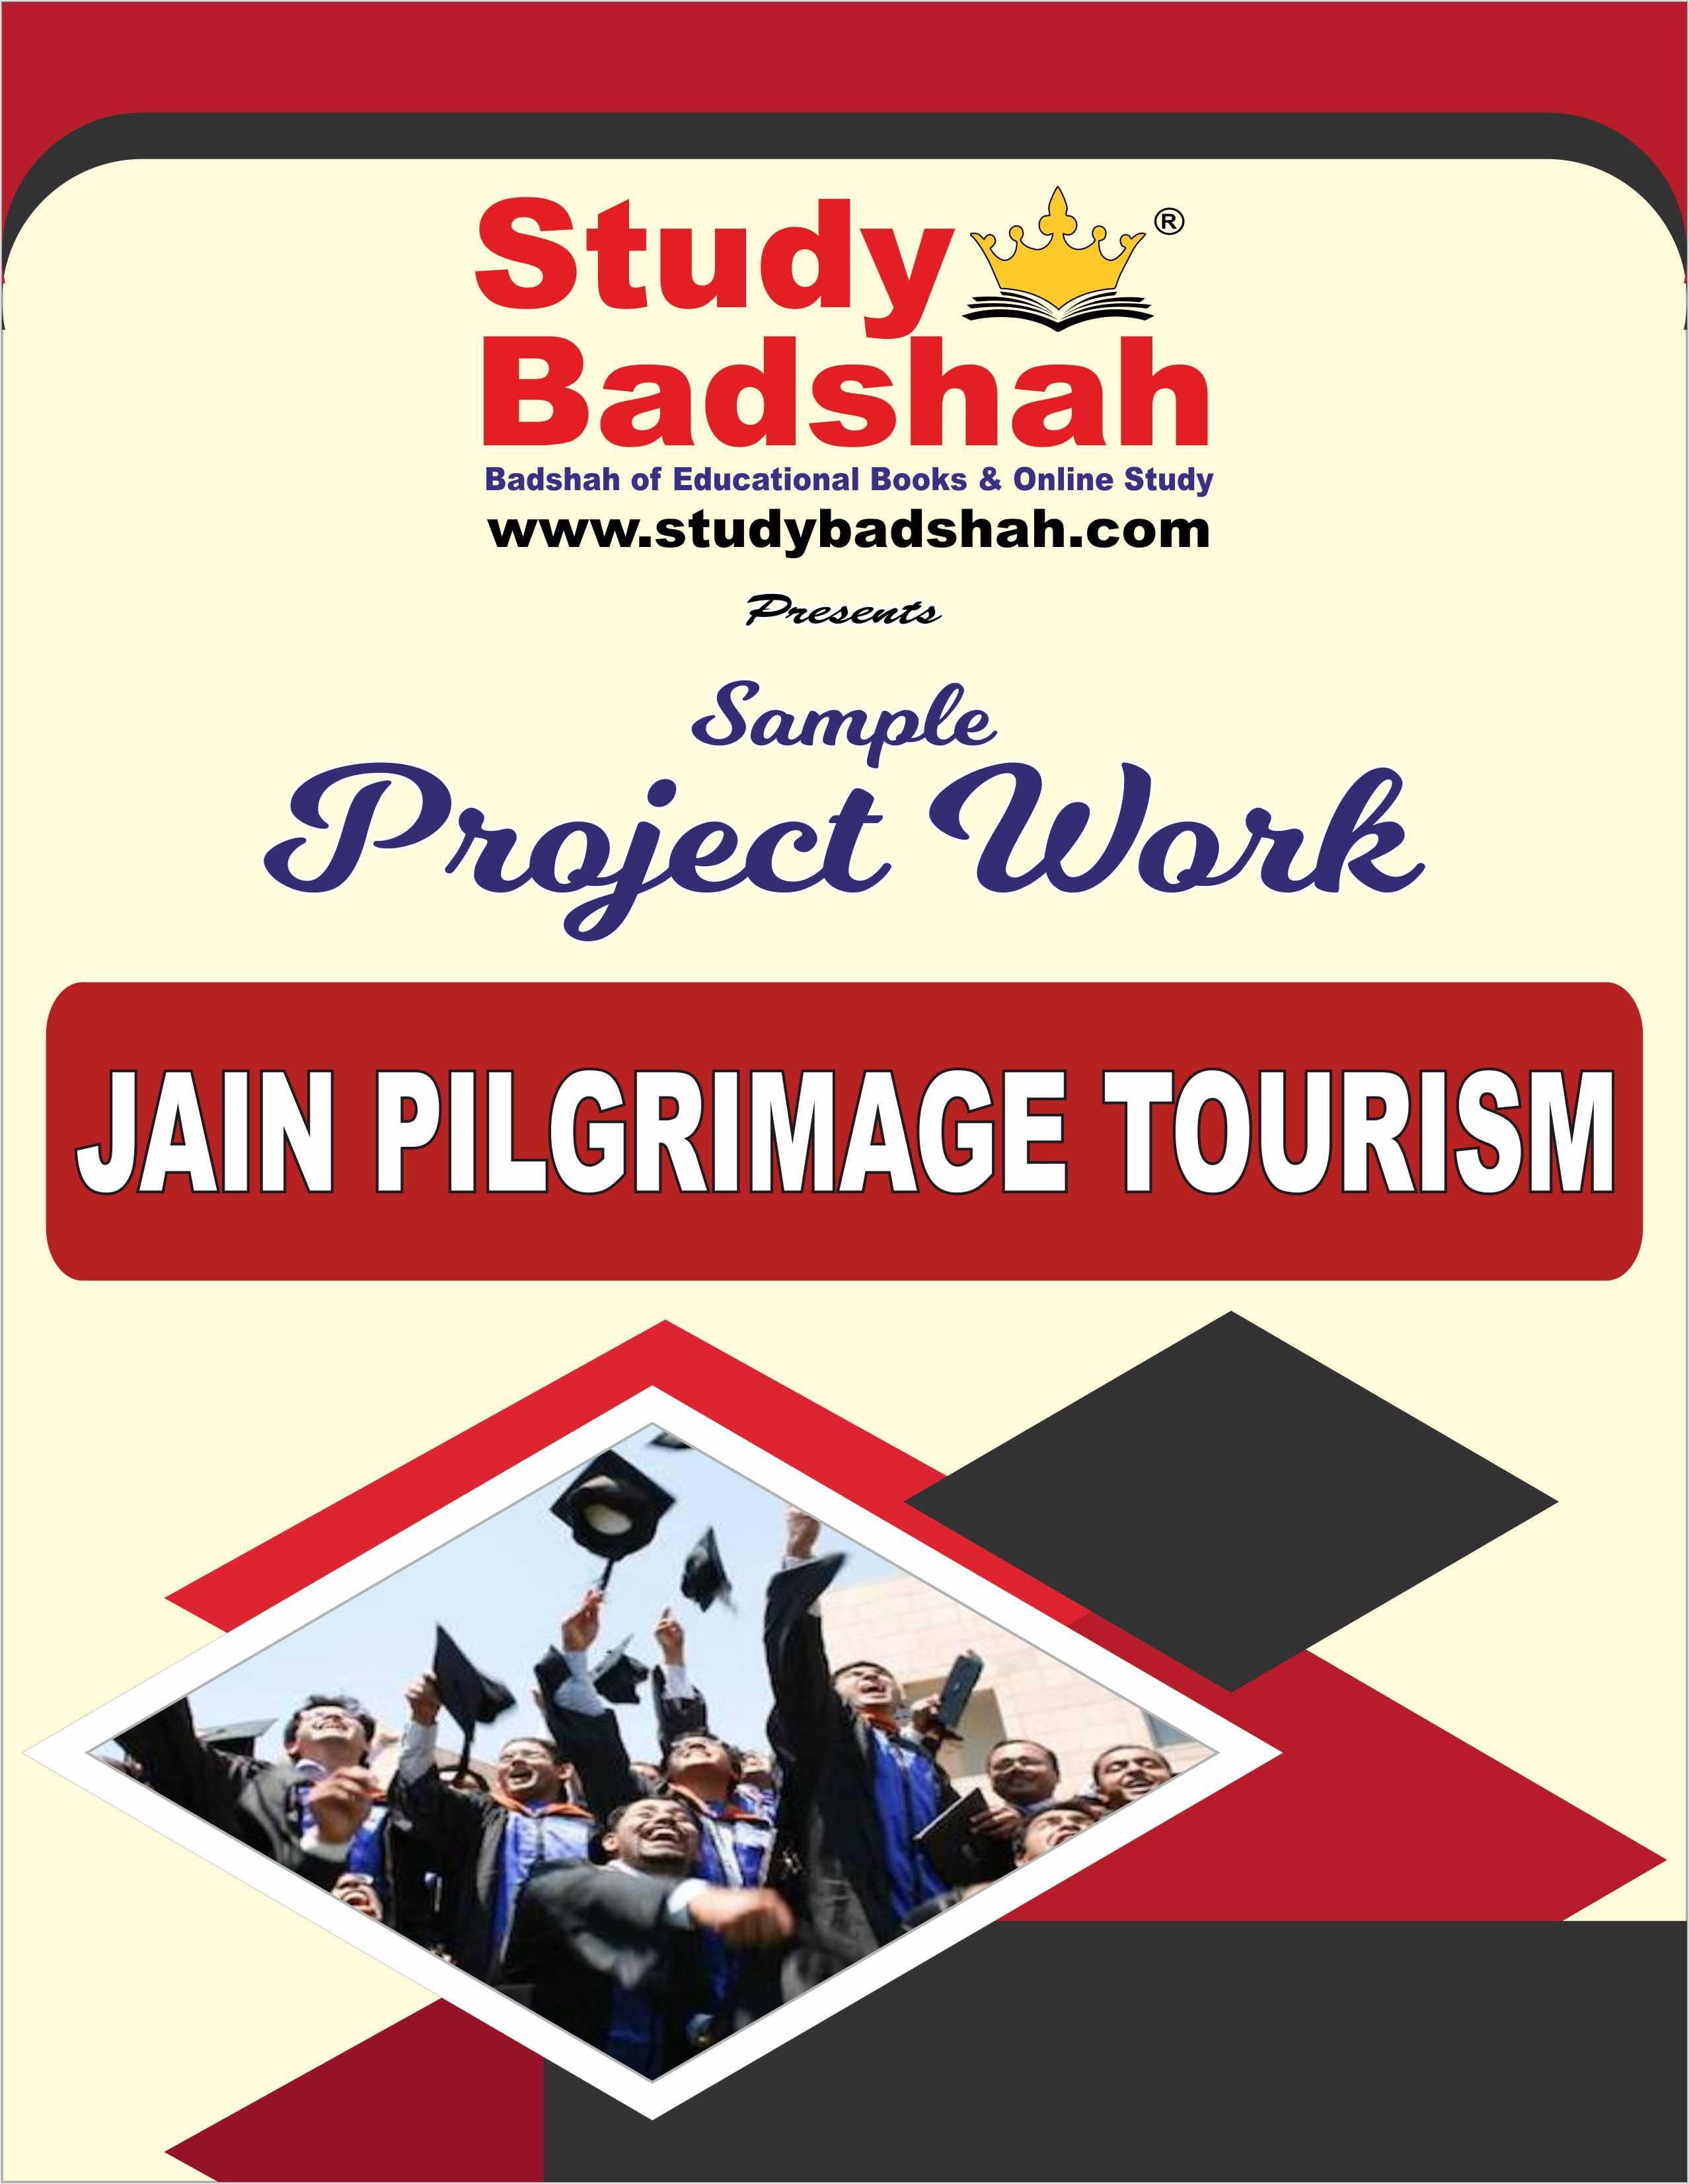 JAIN PILGRIMAGE TOURISM